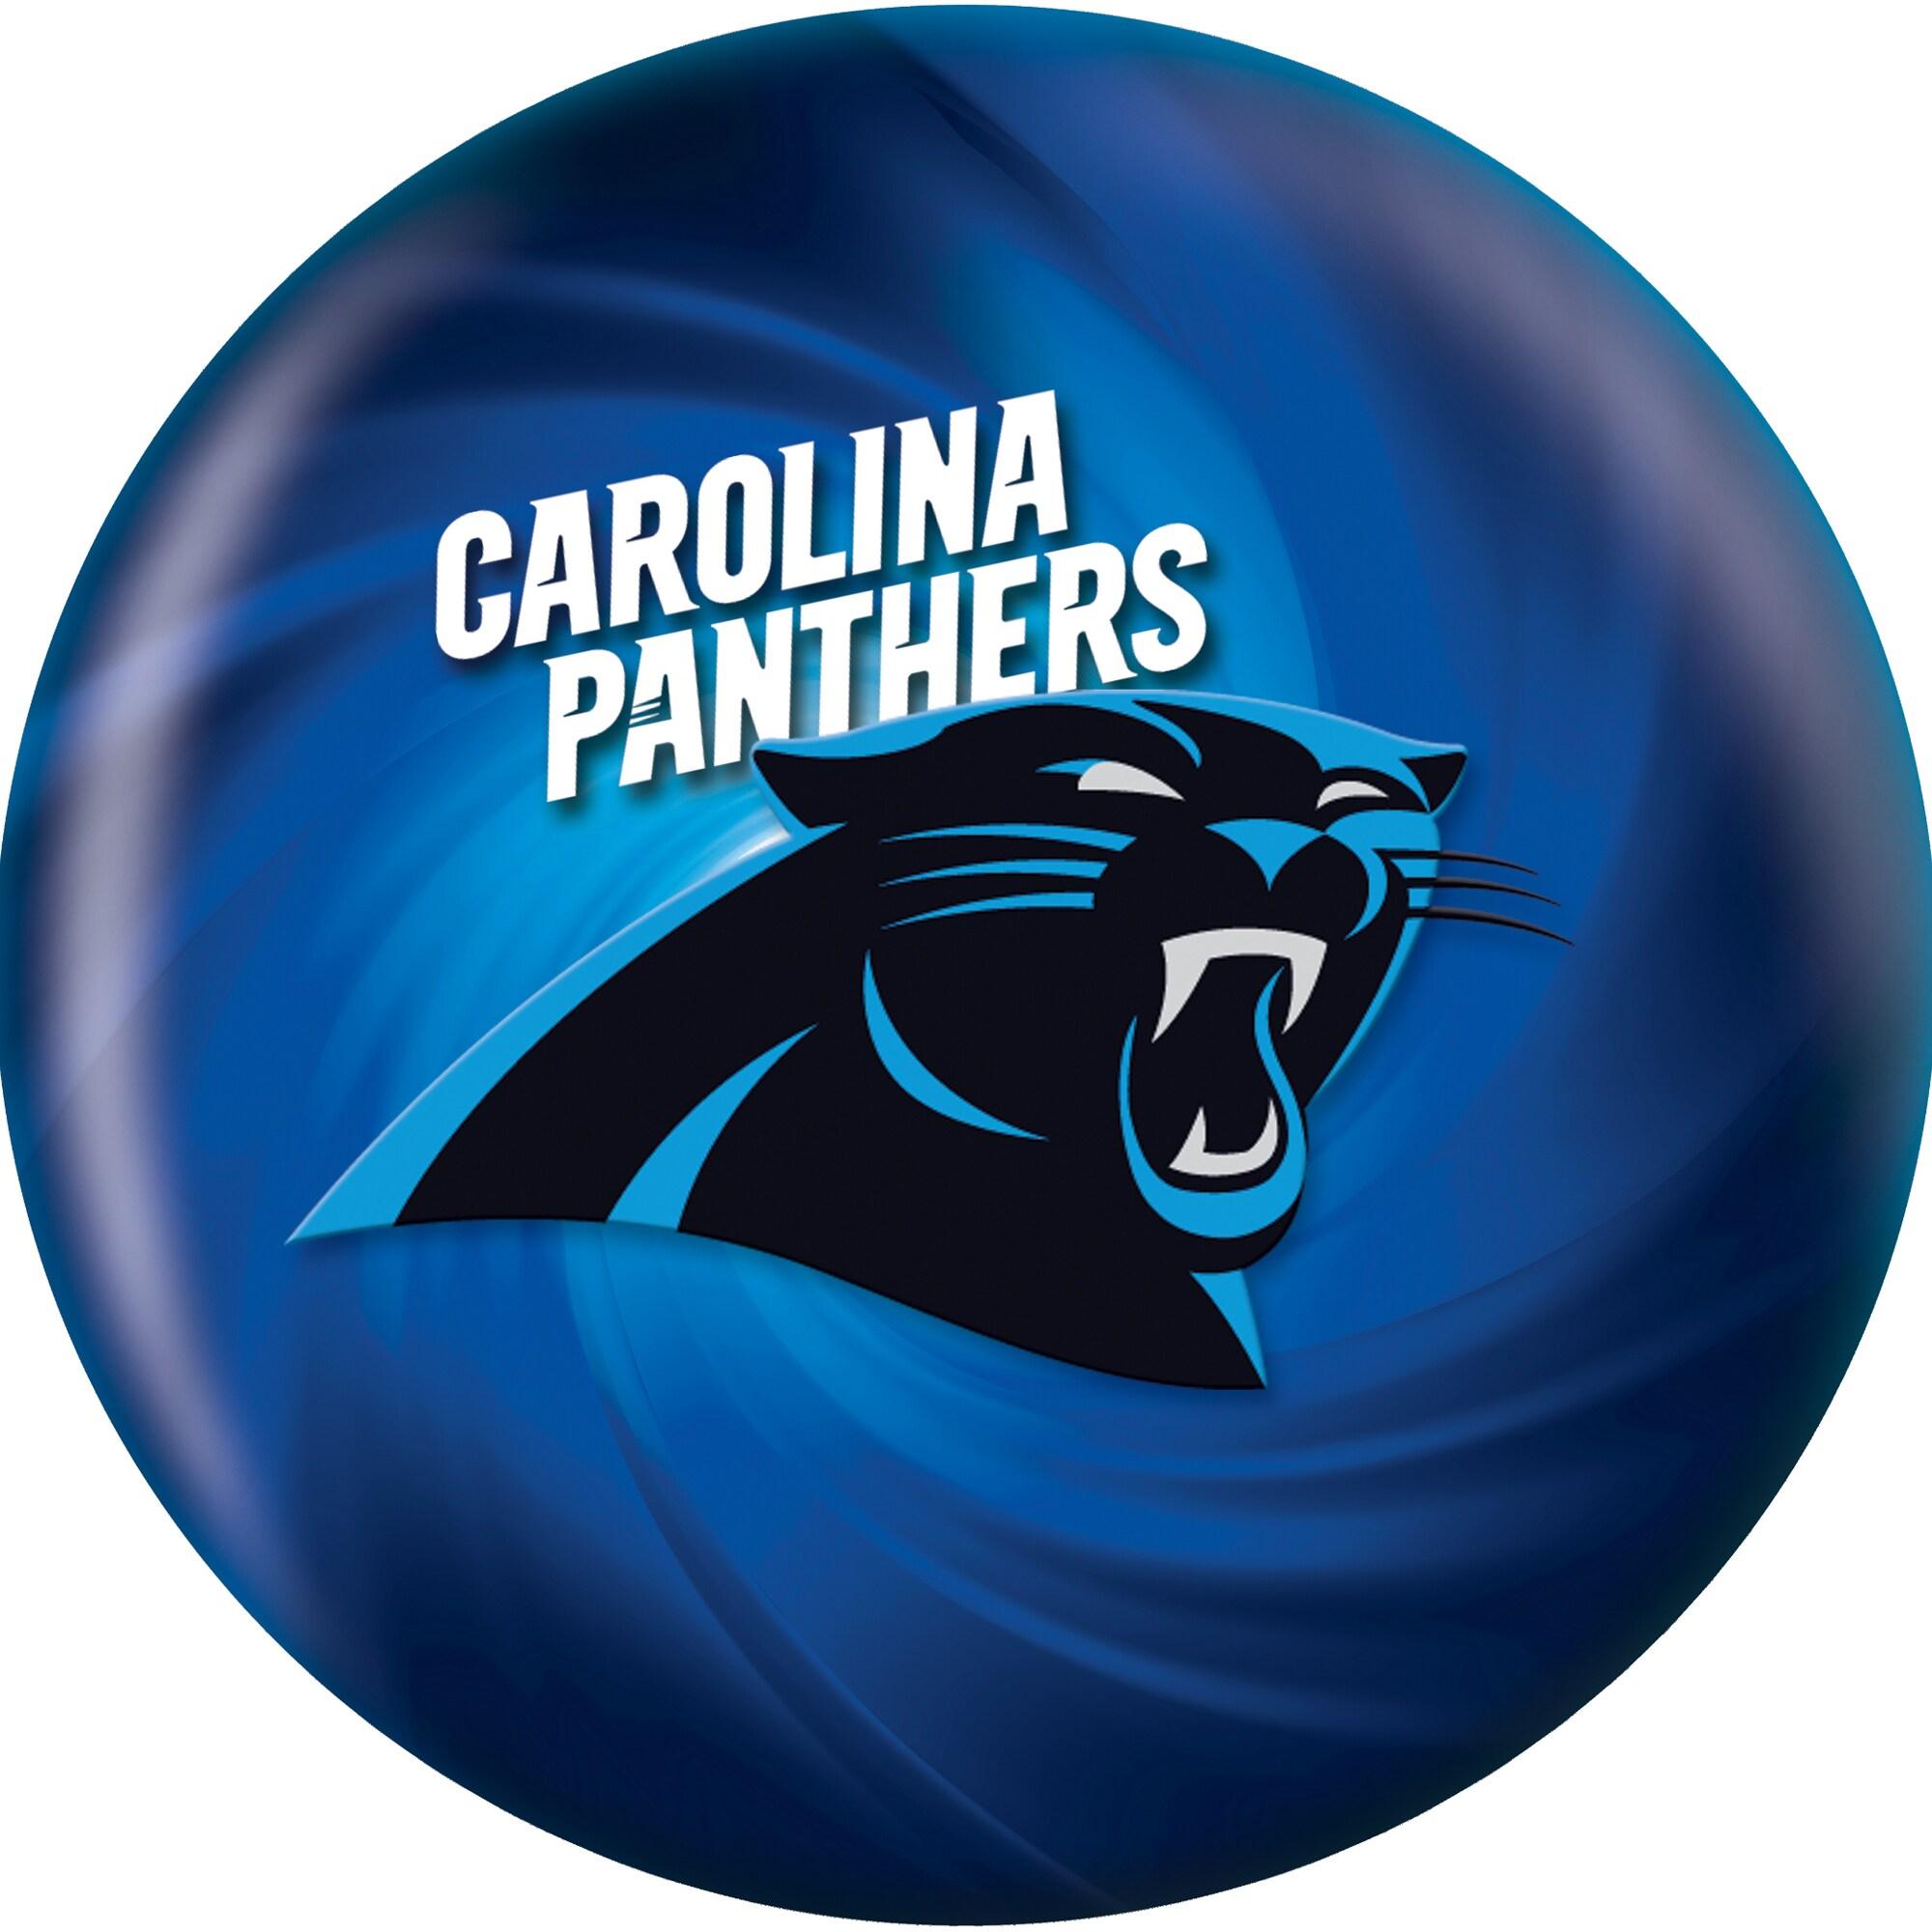 Carolina Panthers Bowling Ball